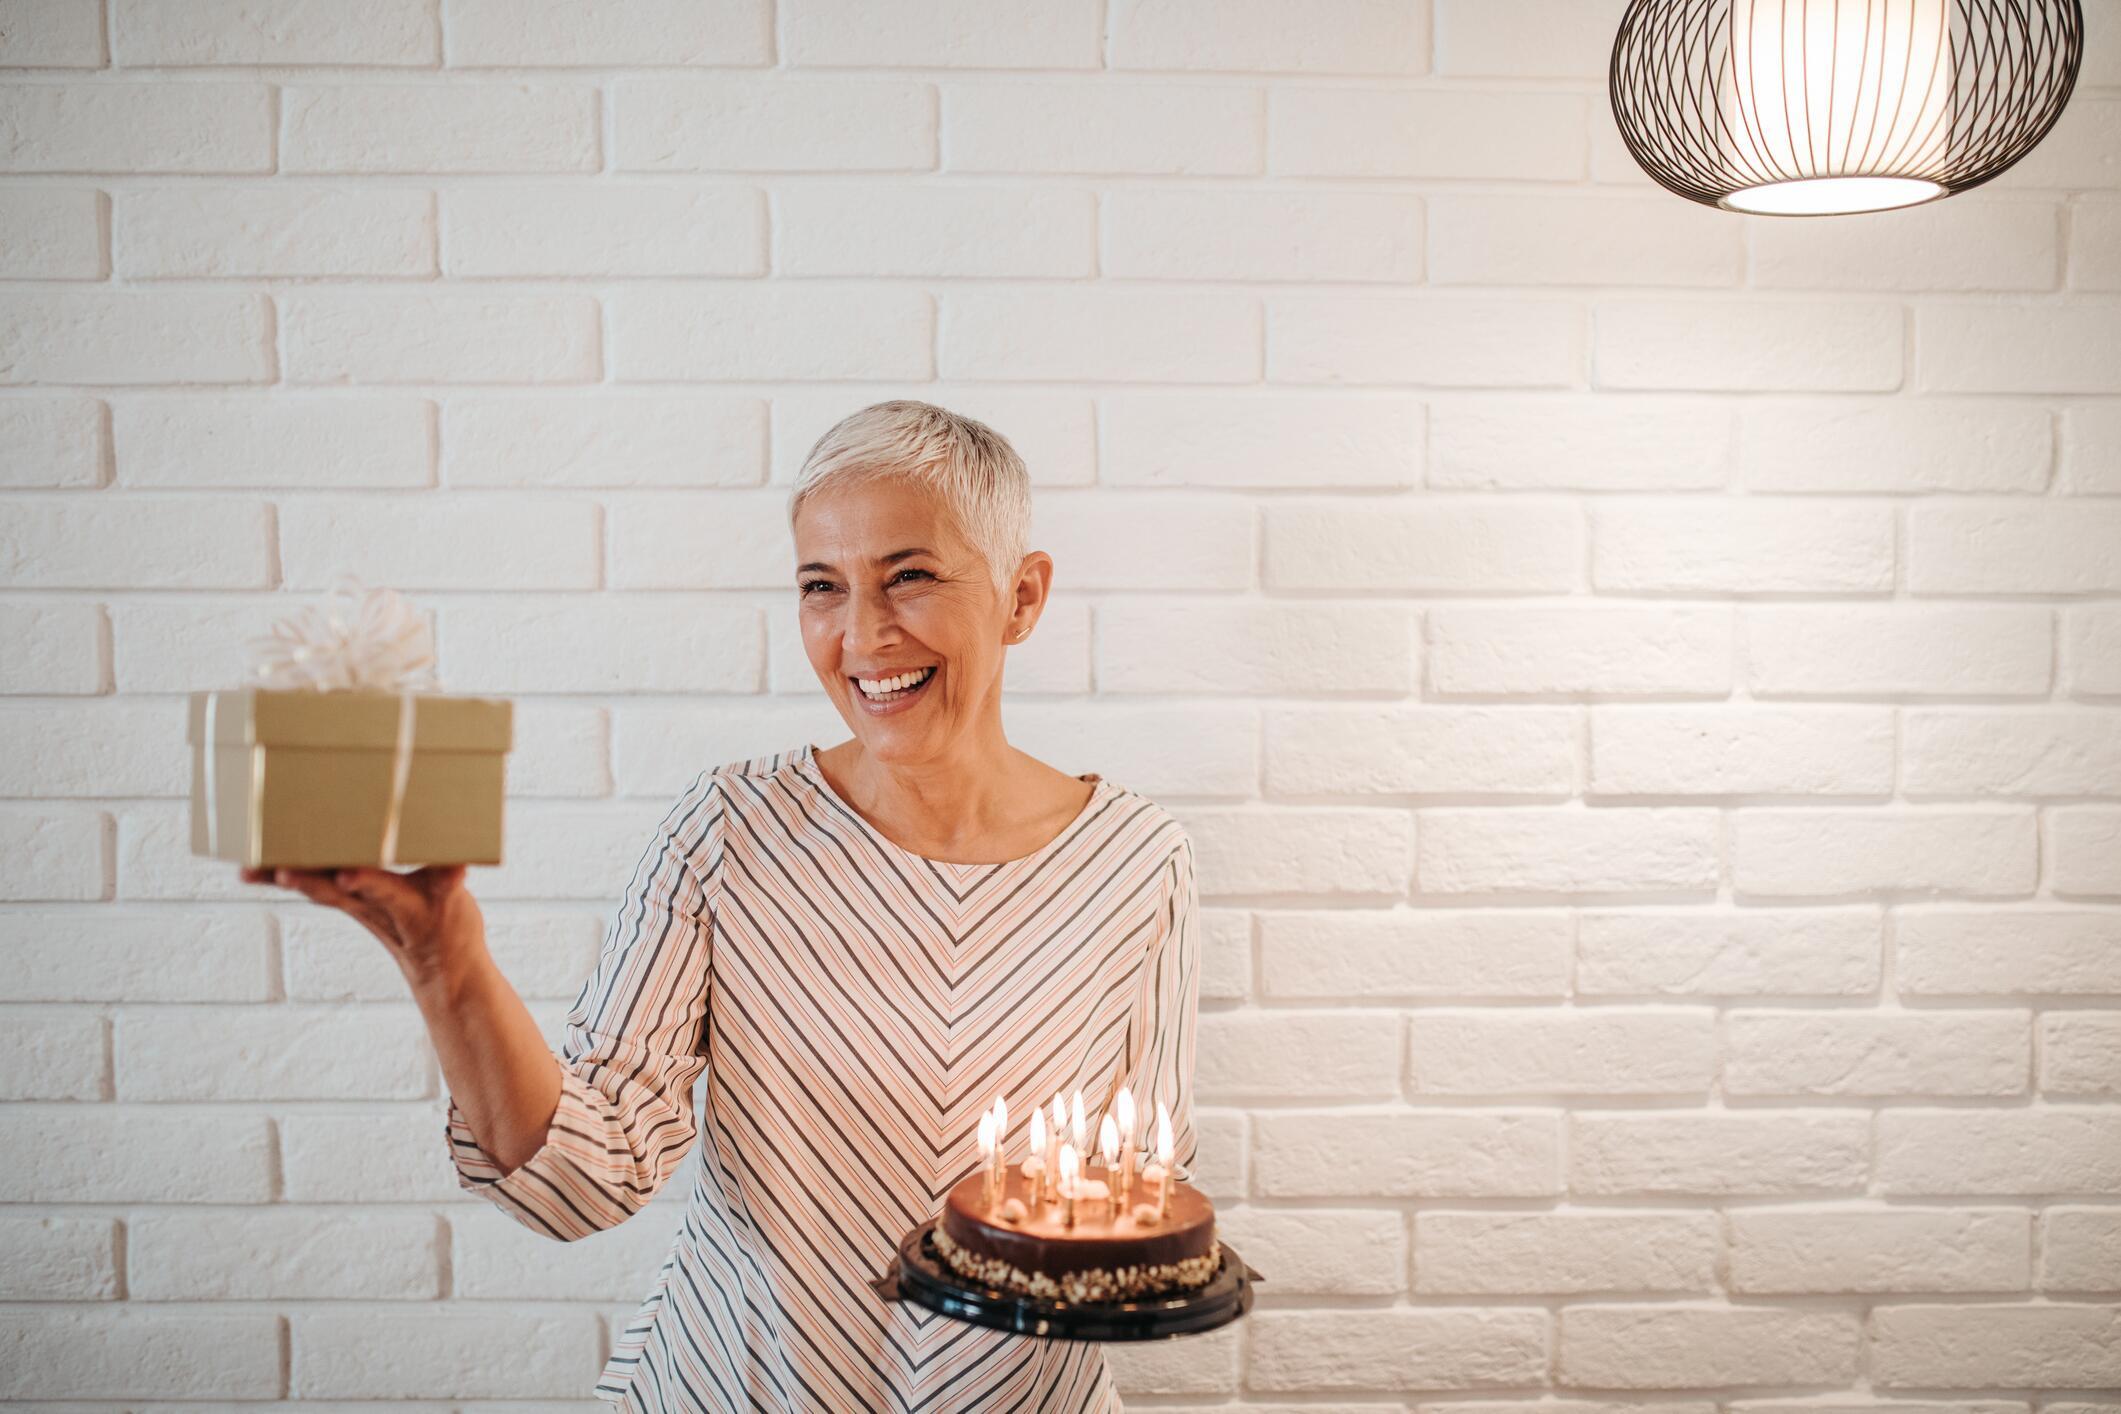 Geschenke Für Ältere Frauen  Die schönsten Geschenke für runde Geburtstage für Frauen